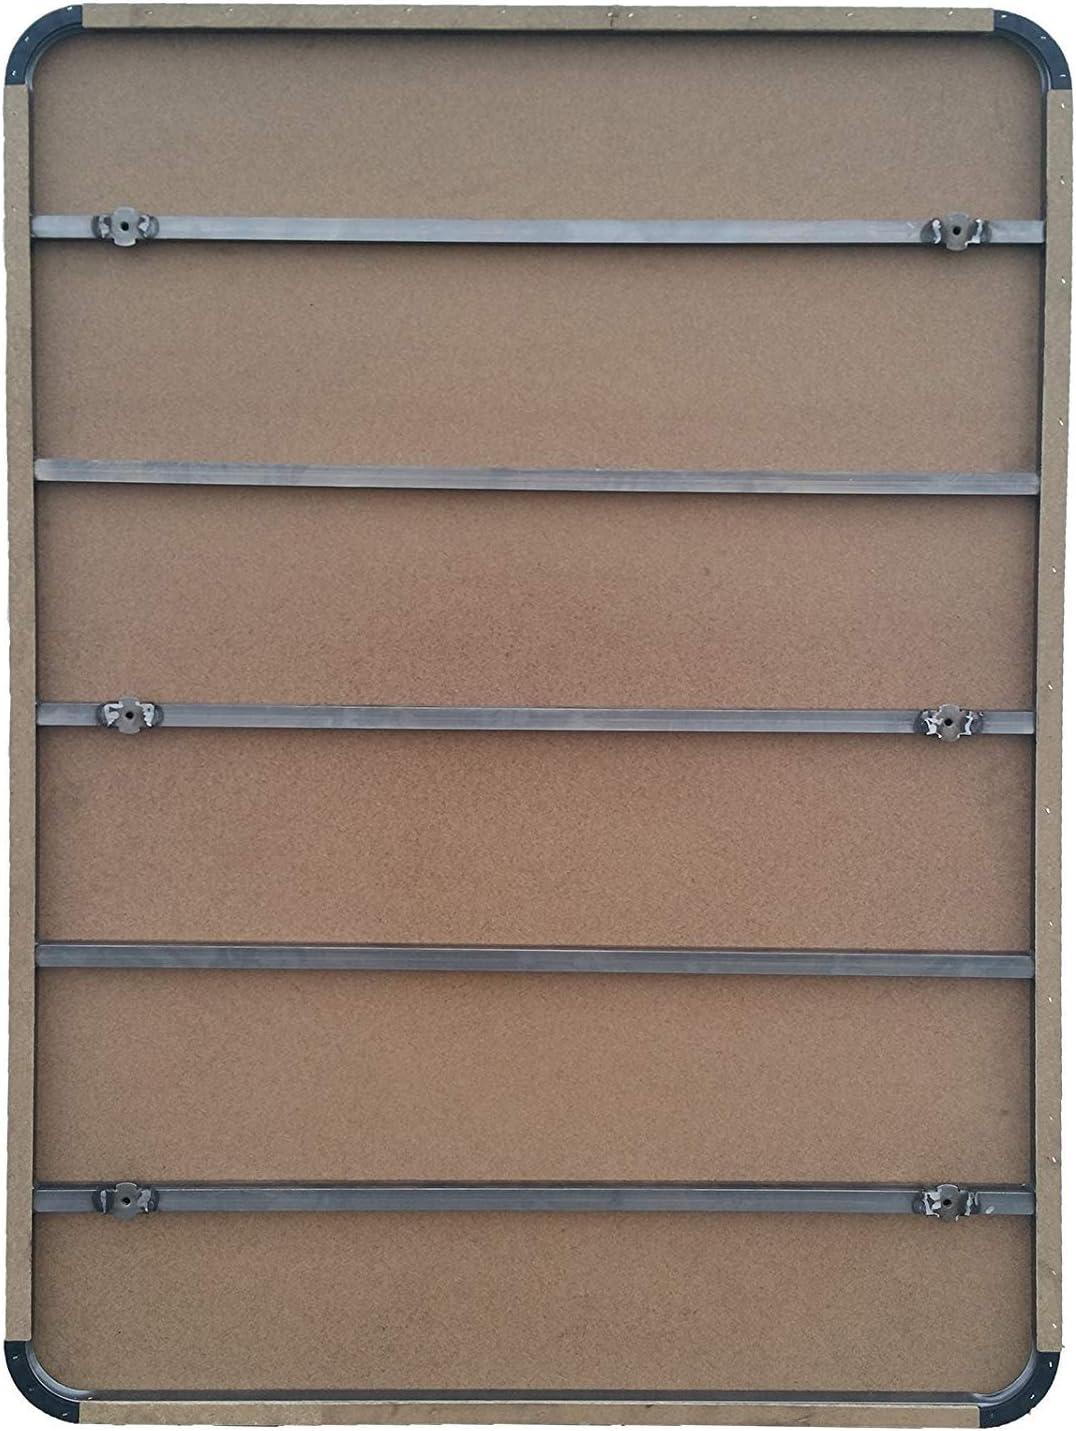 HOGAR24 Base Tapizada con 5 Barras Transversales y Tejido 3D Color Gris + 7 Patas de Metal 32cm, 150x190cm